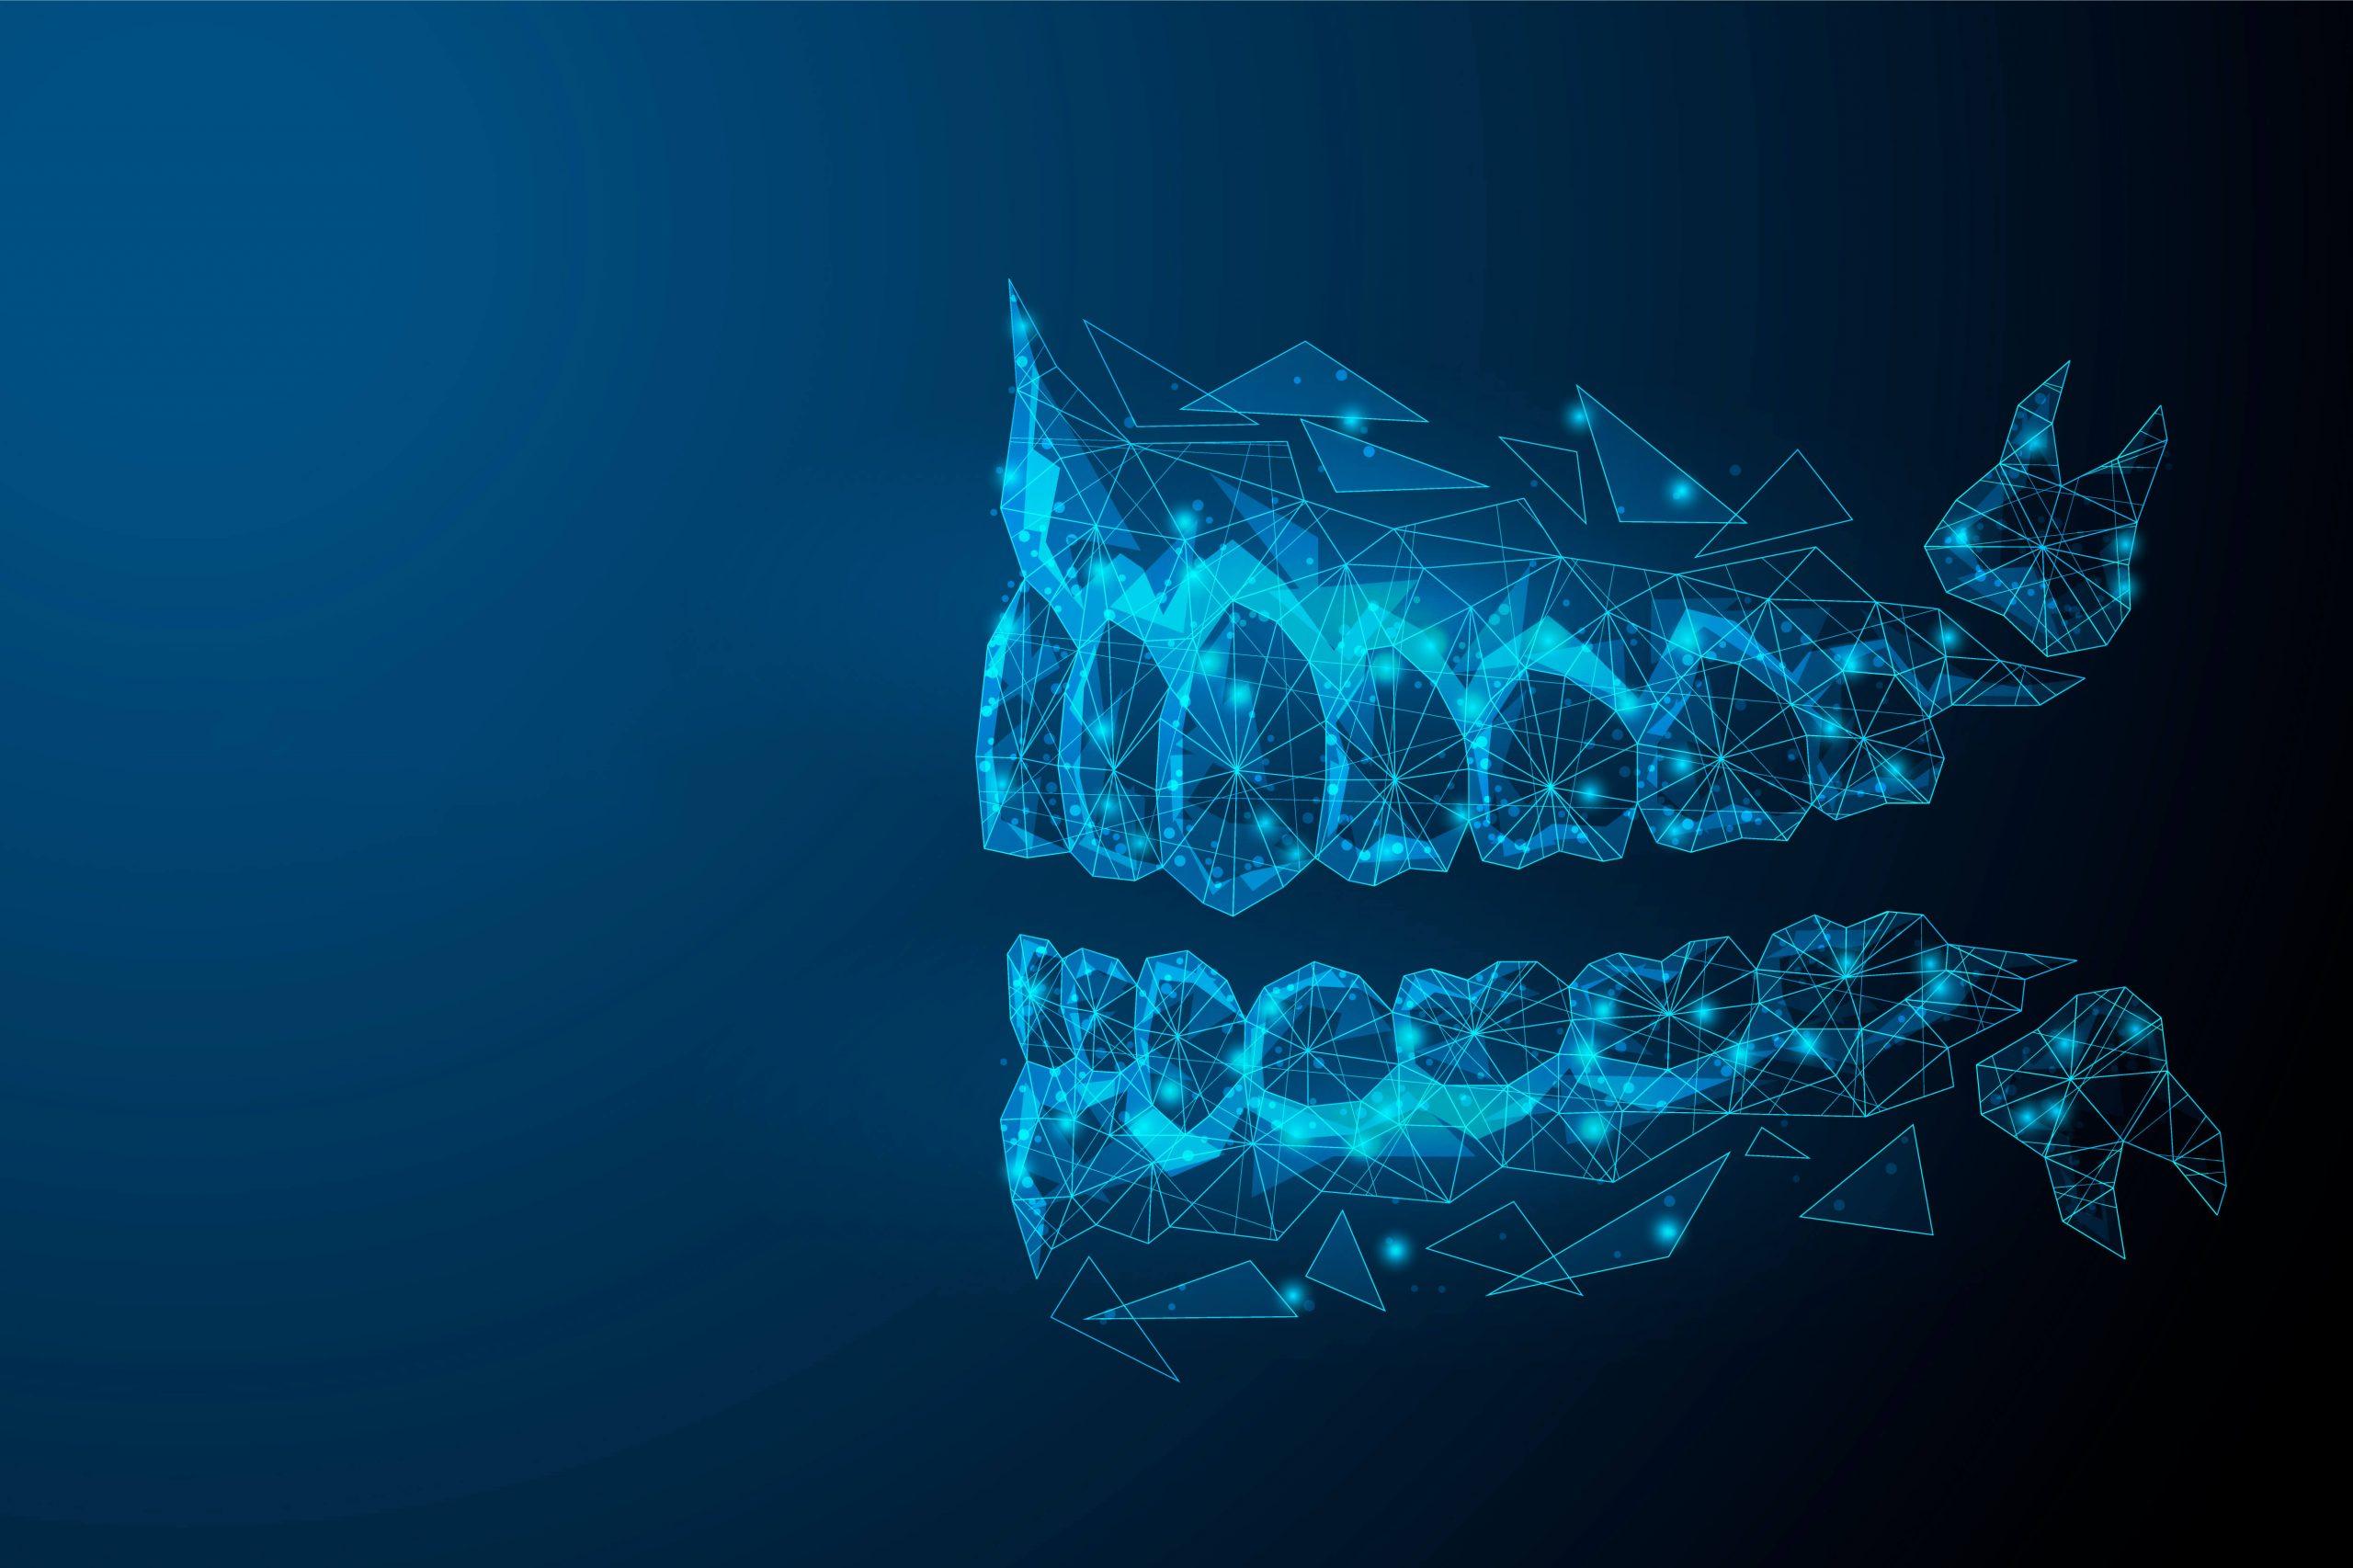 ¿Qué es una maloclusión dental y cómo detectarla?